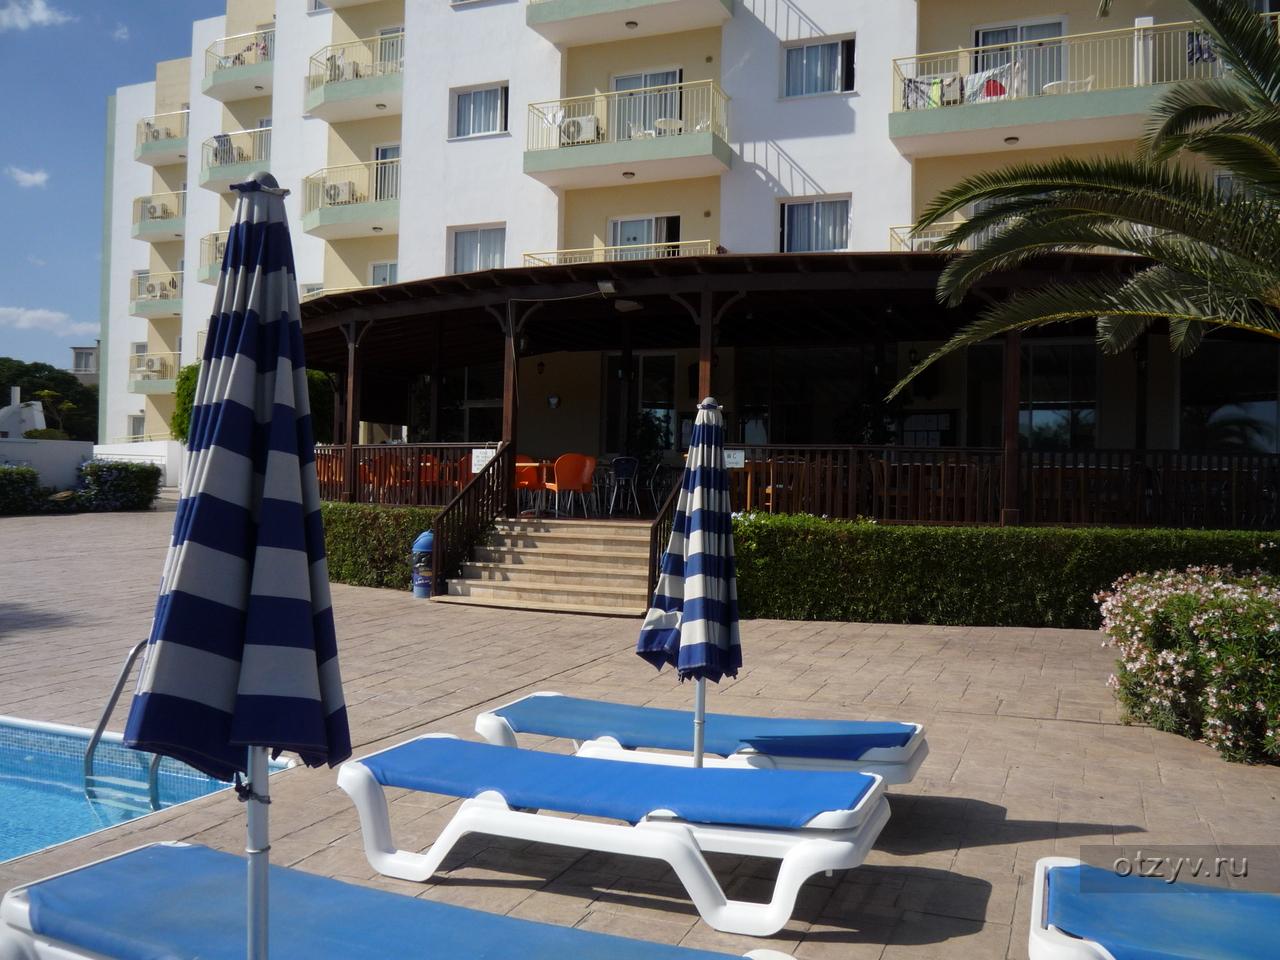 Катя отель турция фото кондитерские витрины